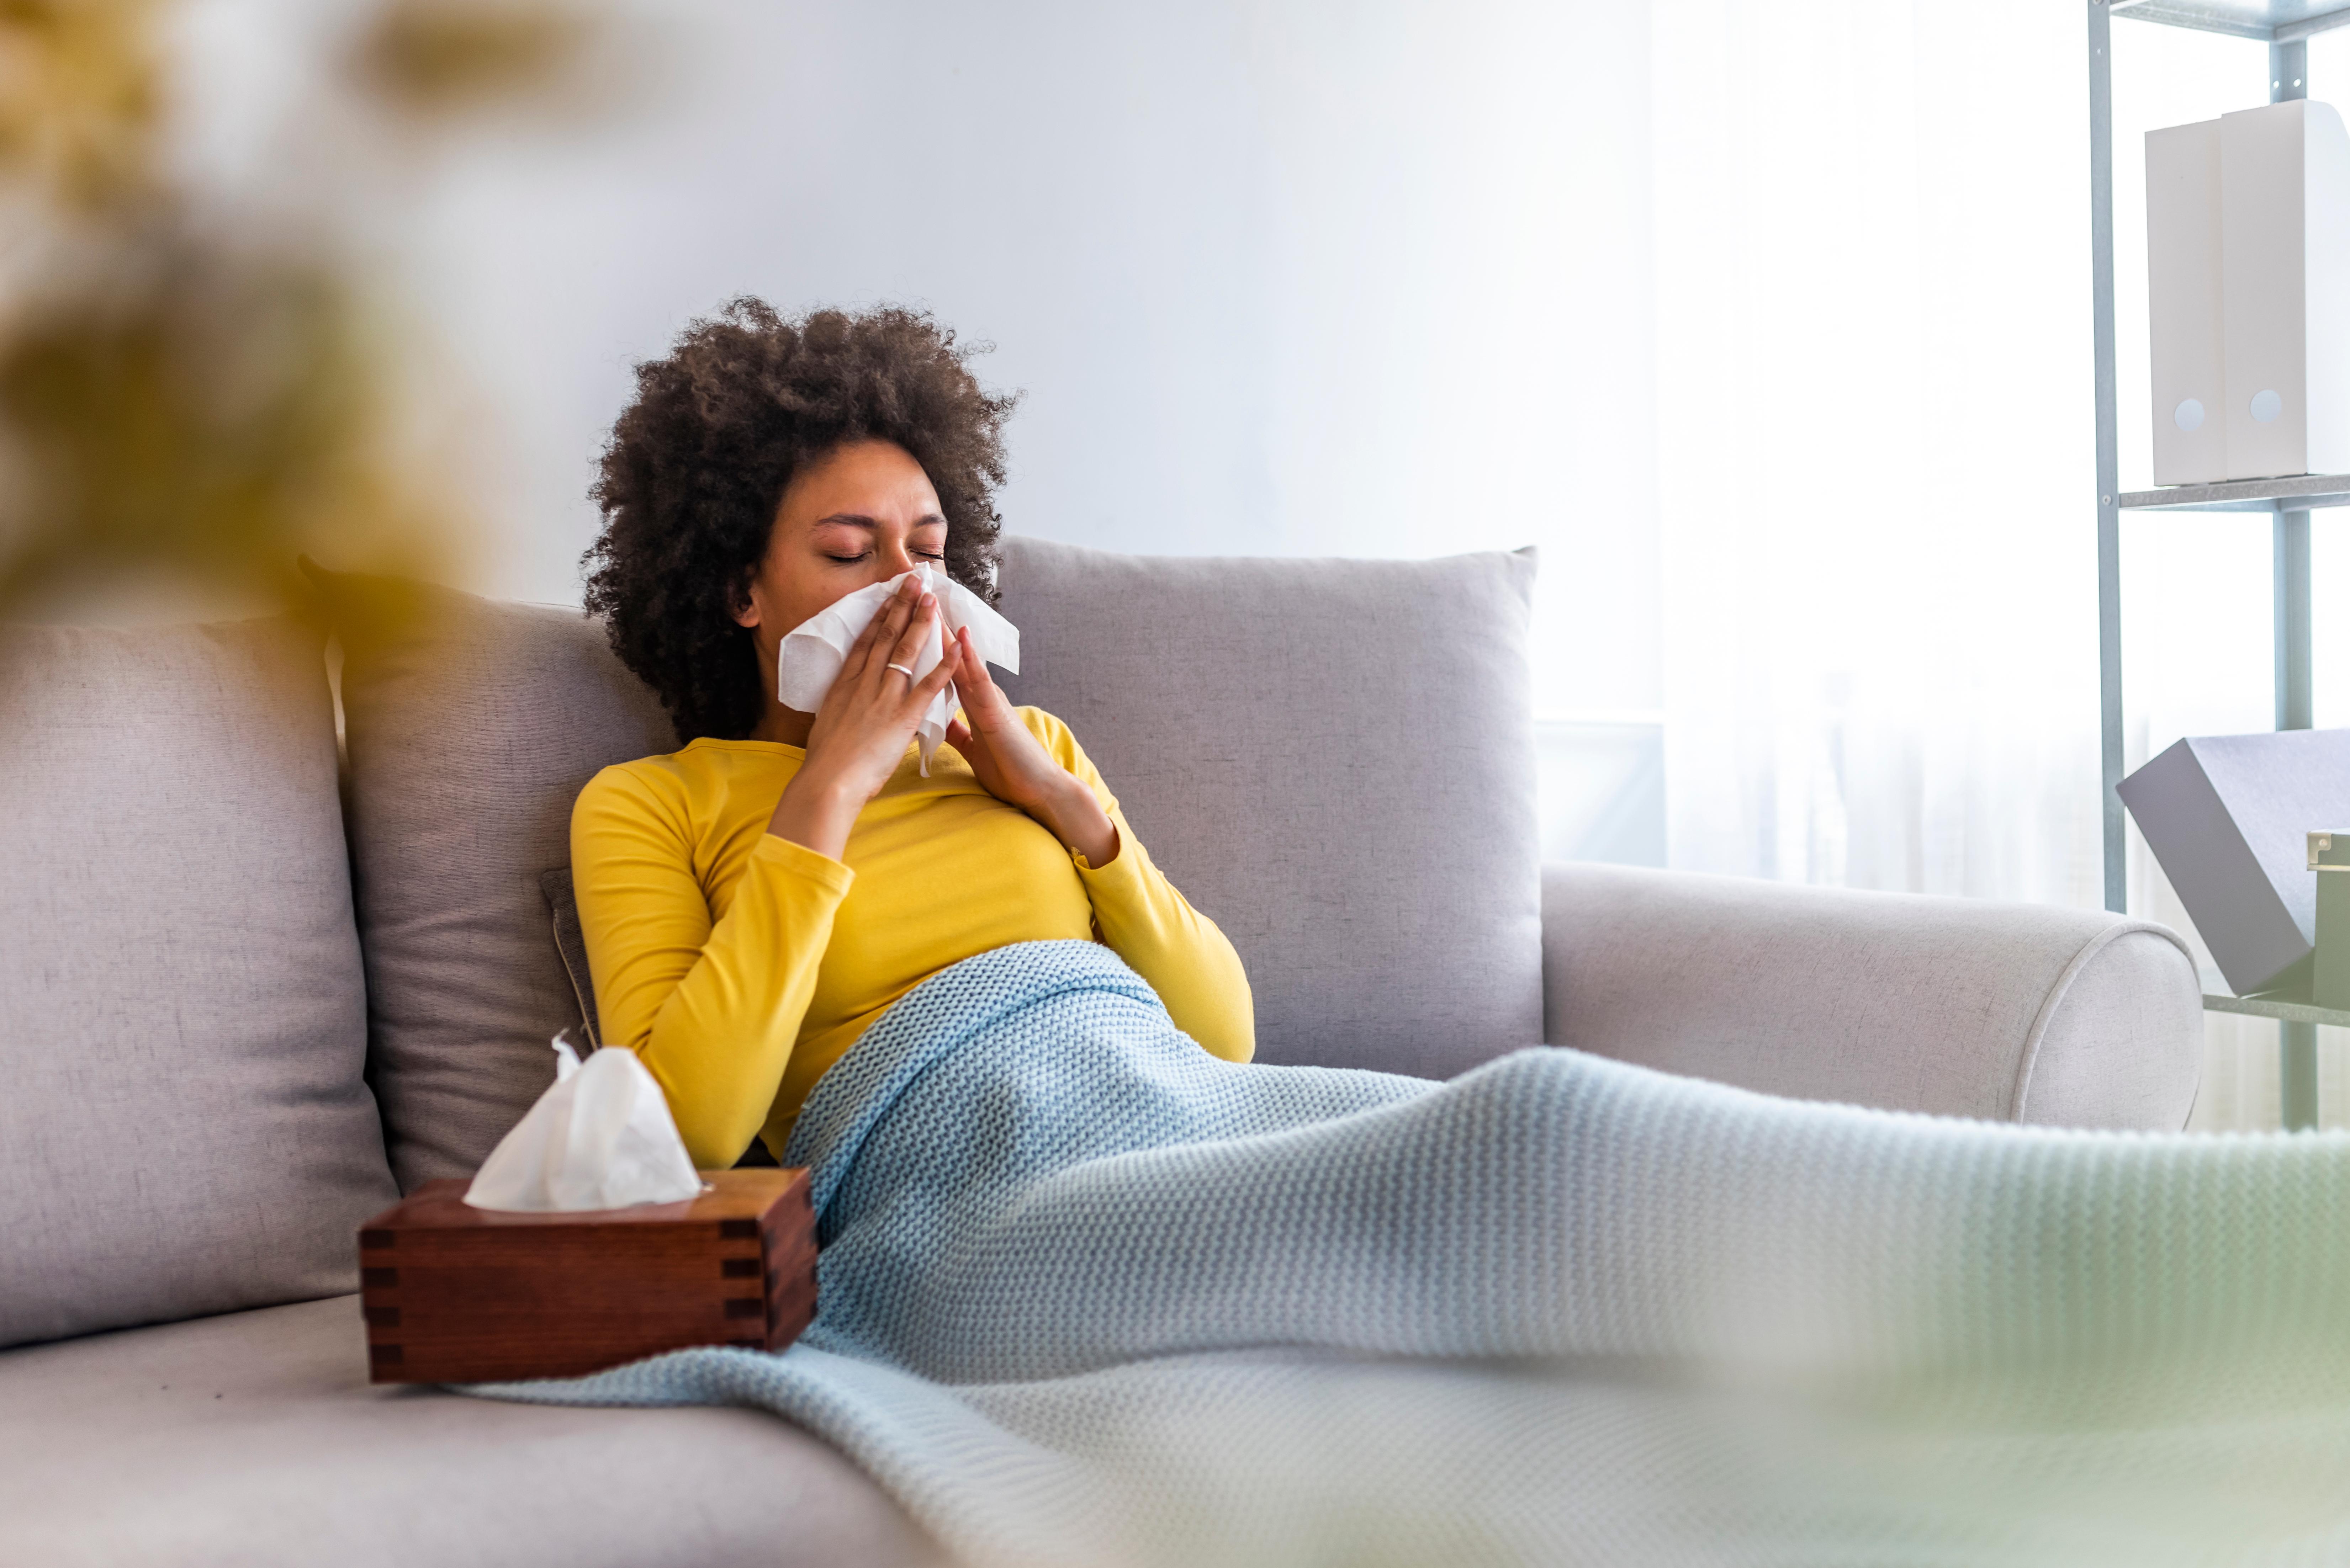 Förkylning - orsak, symtom och behandling